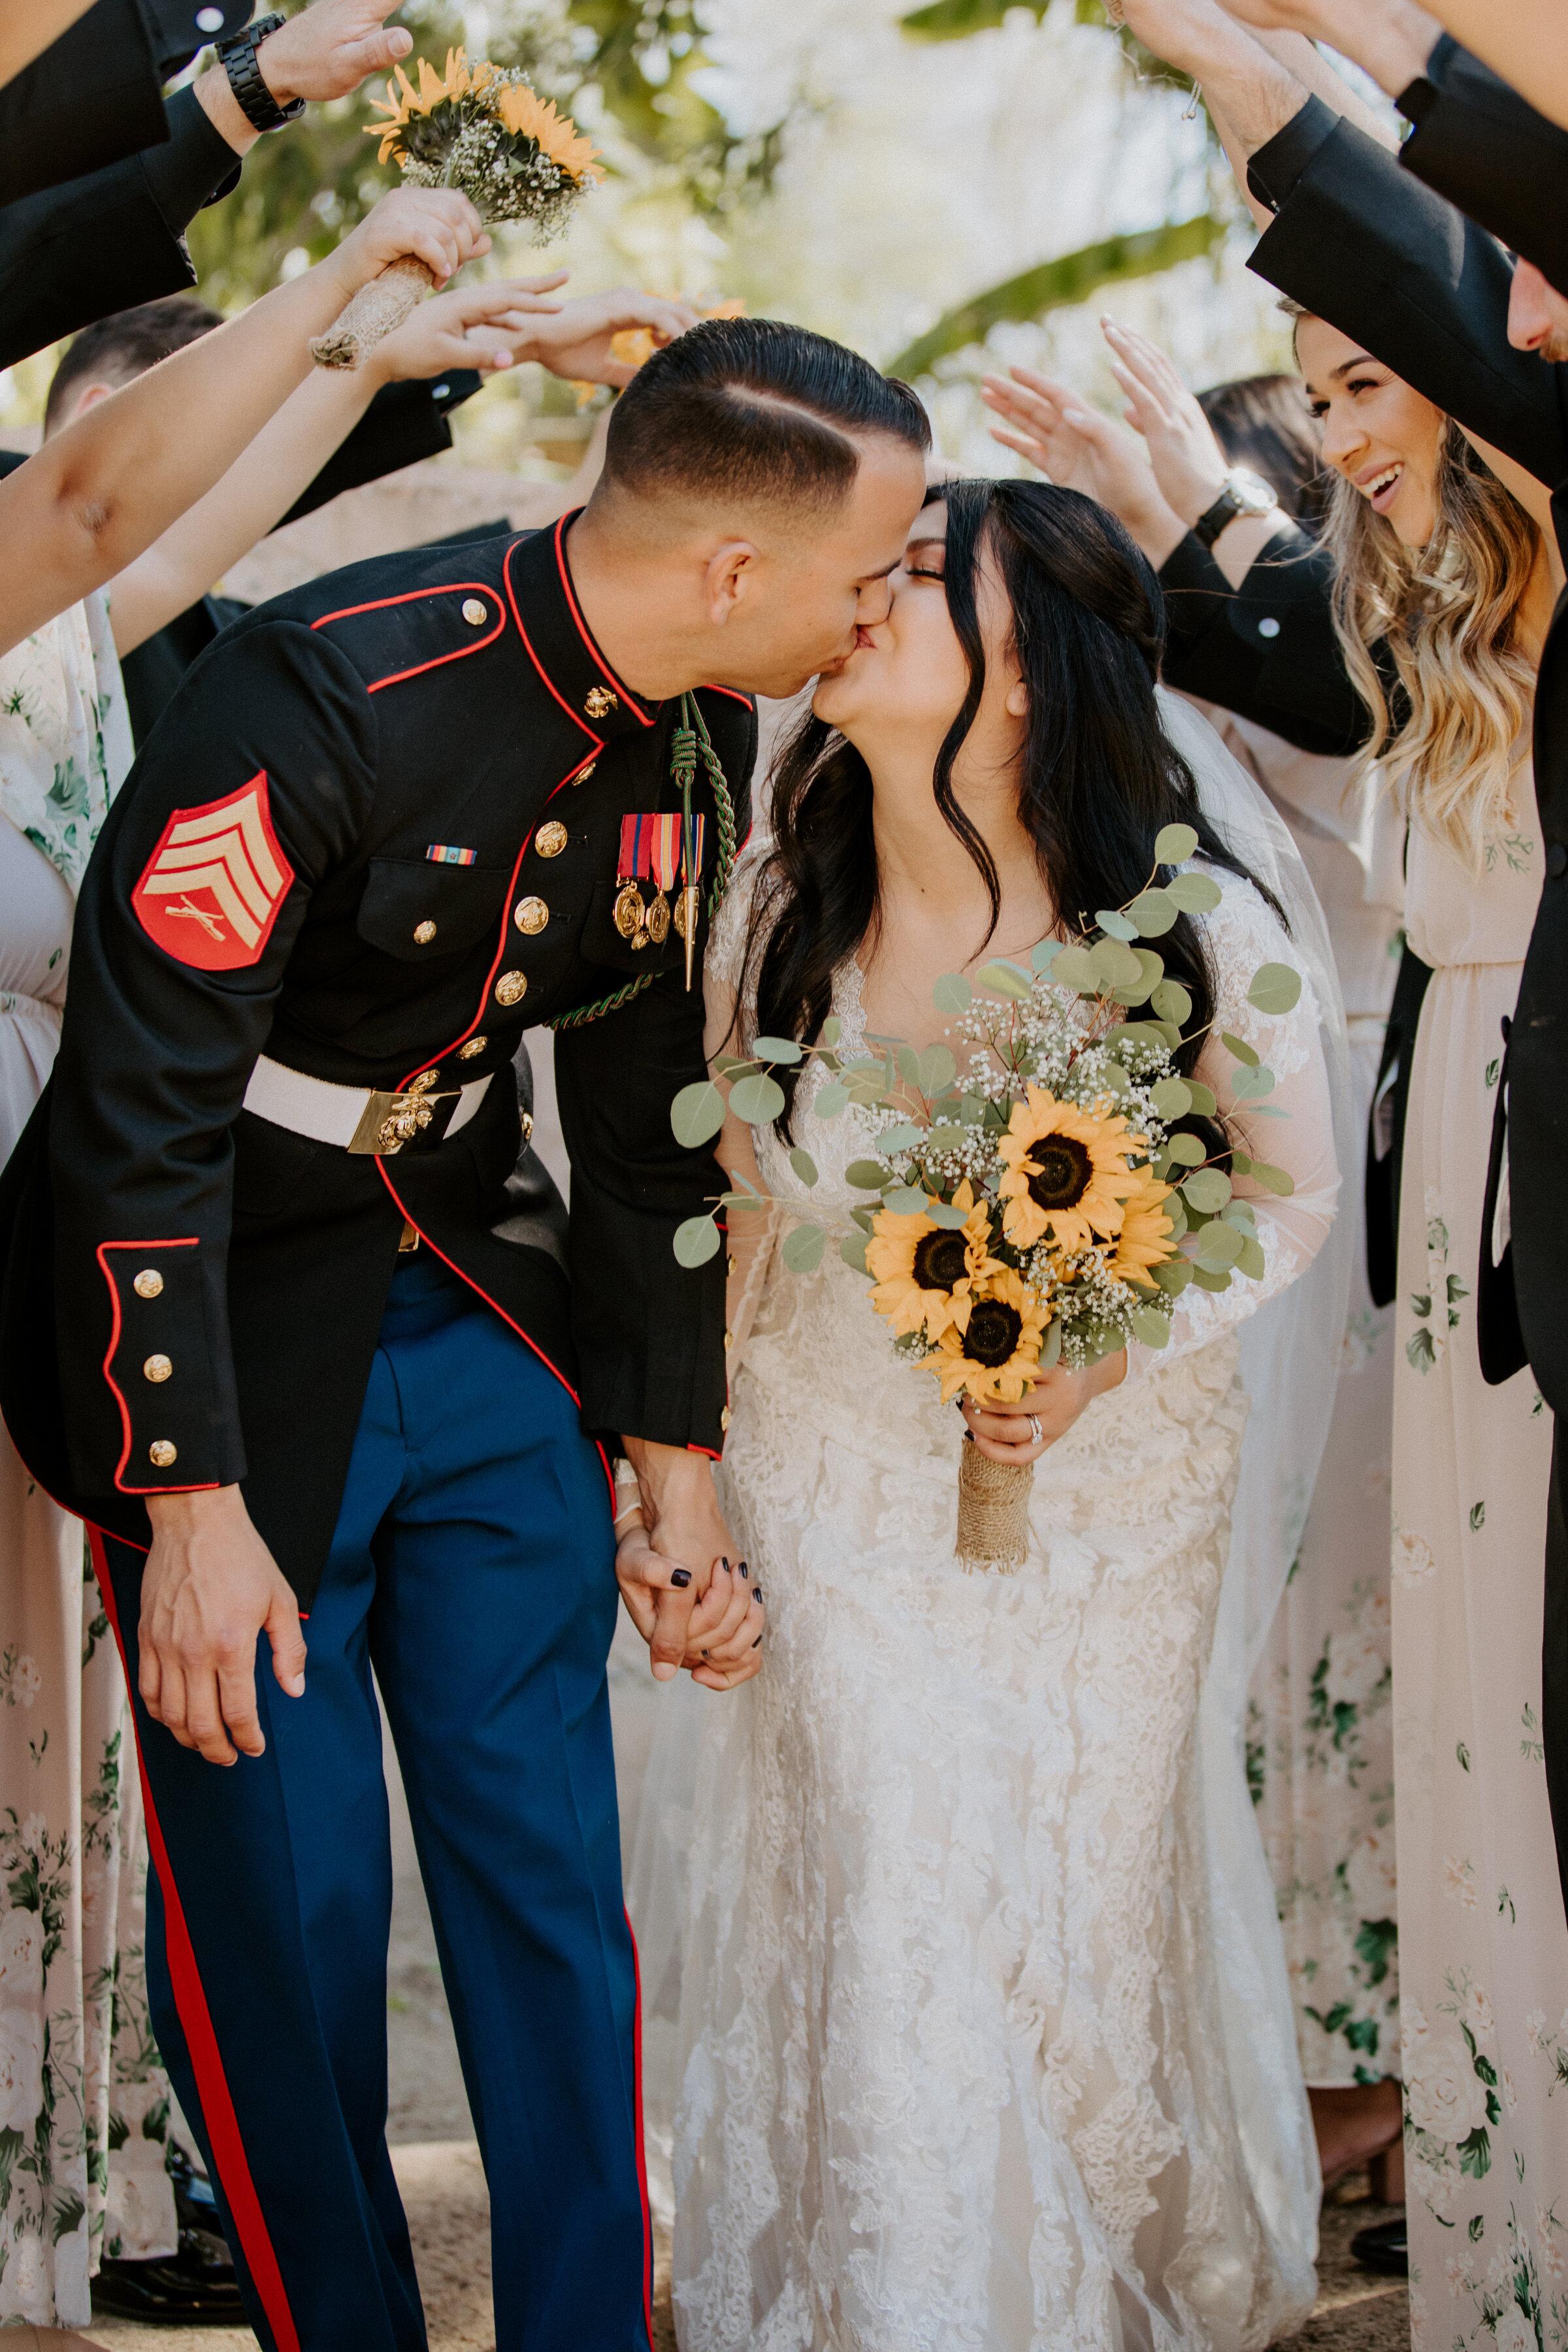 KJMaresca AMPhoto Bridal Party-204.jpg